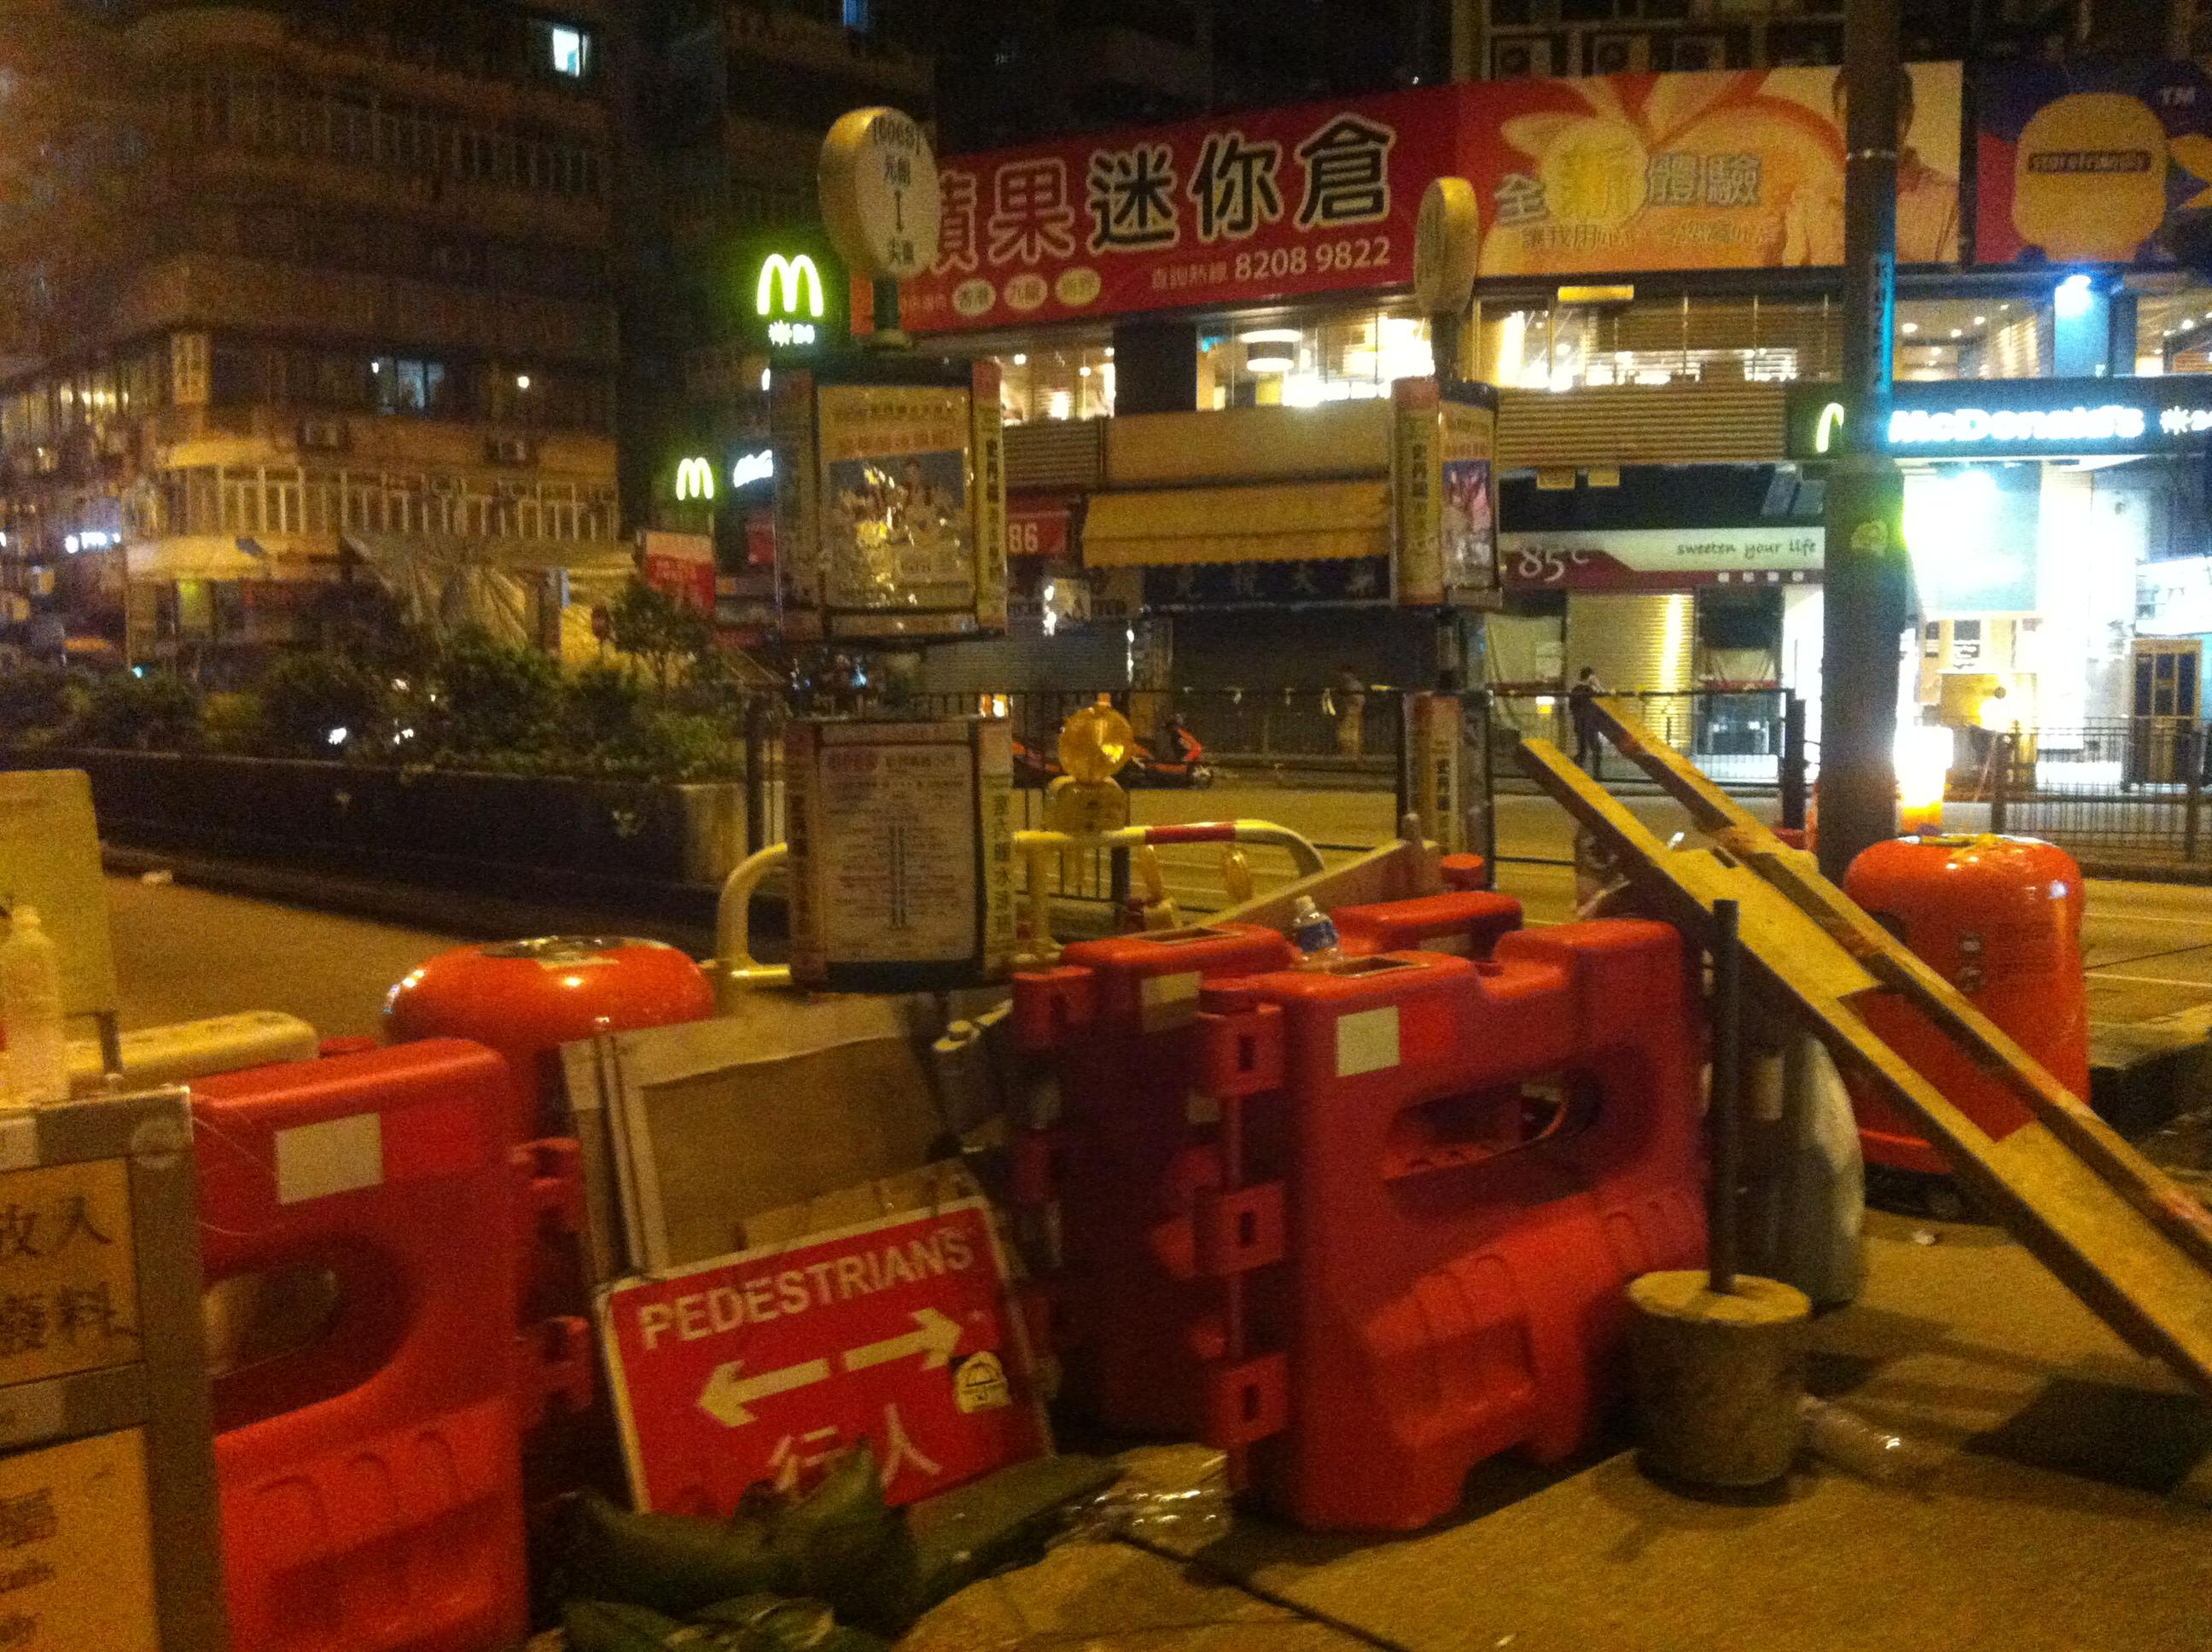 A barricade in Mong Kok.